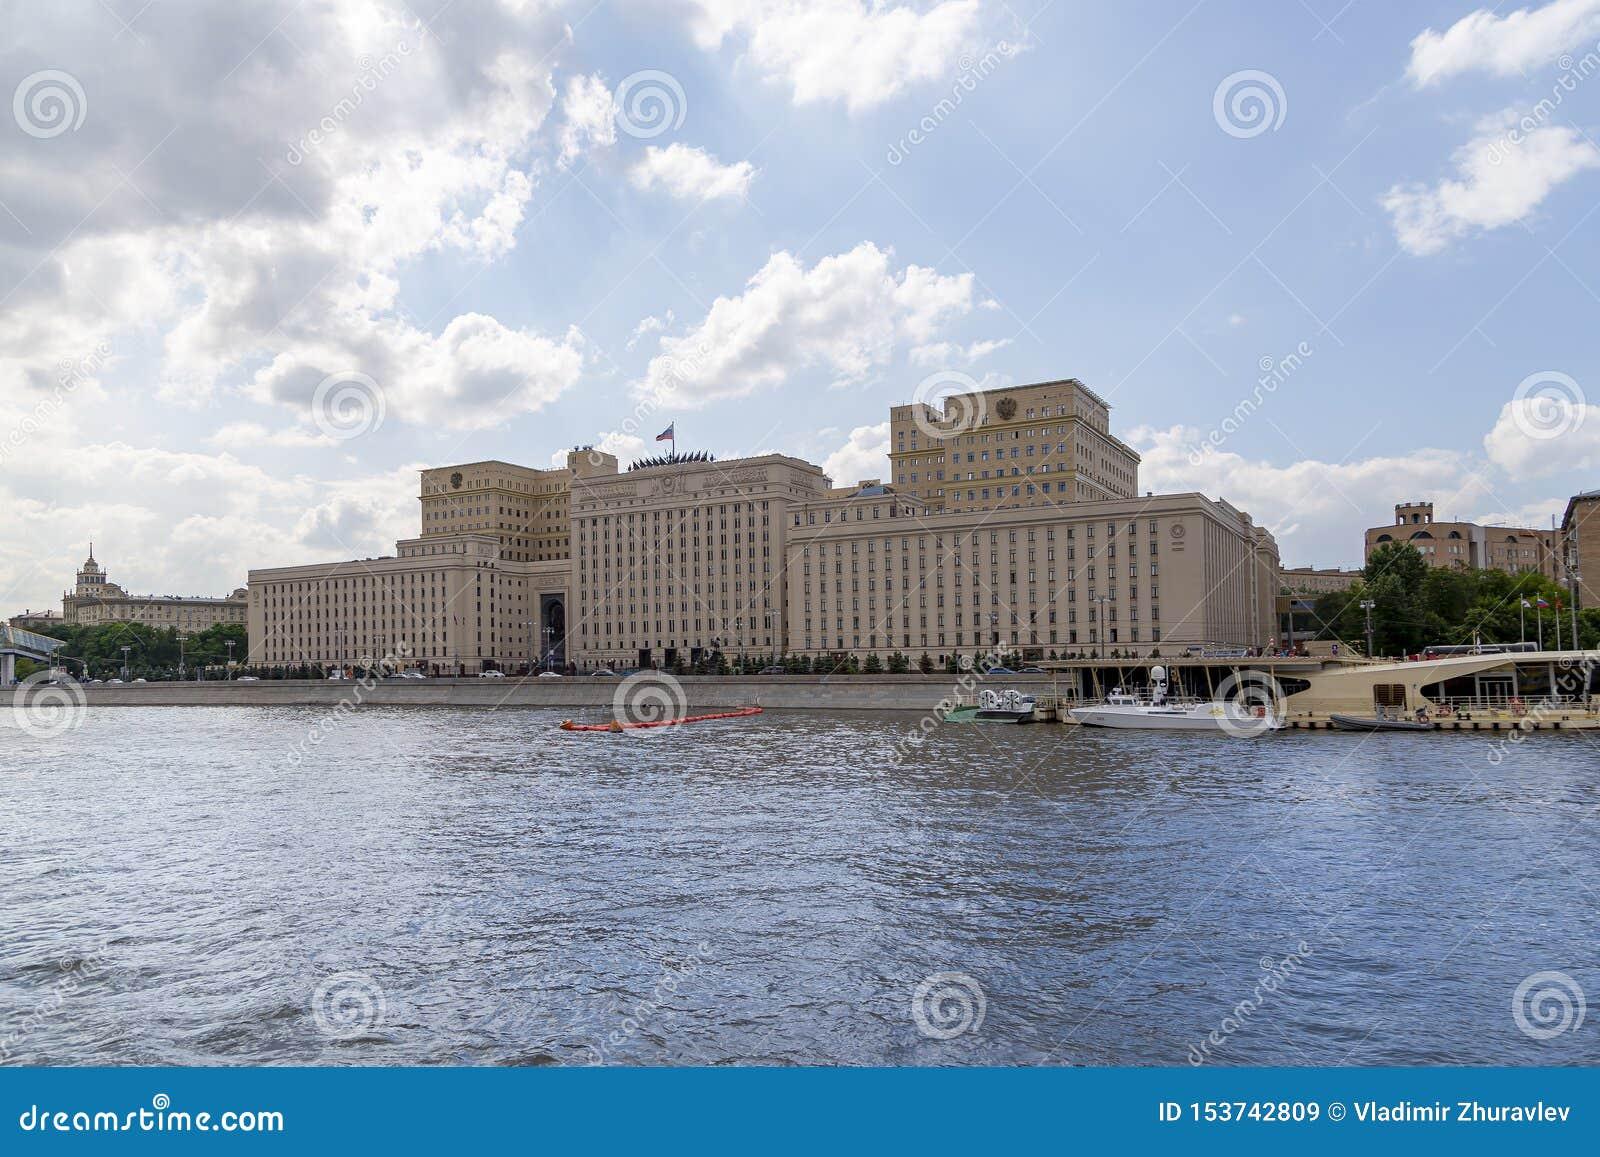 Huvudbyggnad av departementet av försvar från den ryska federationen Minoboron, Moskva, Ryssland